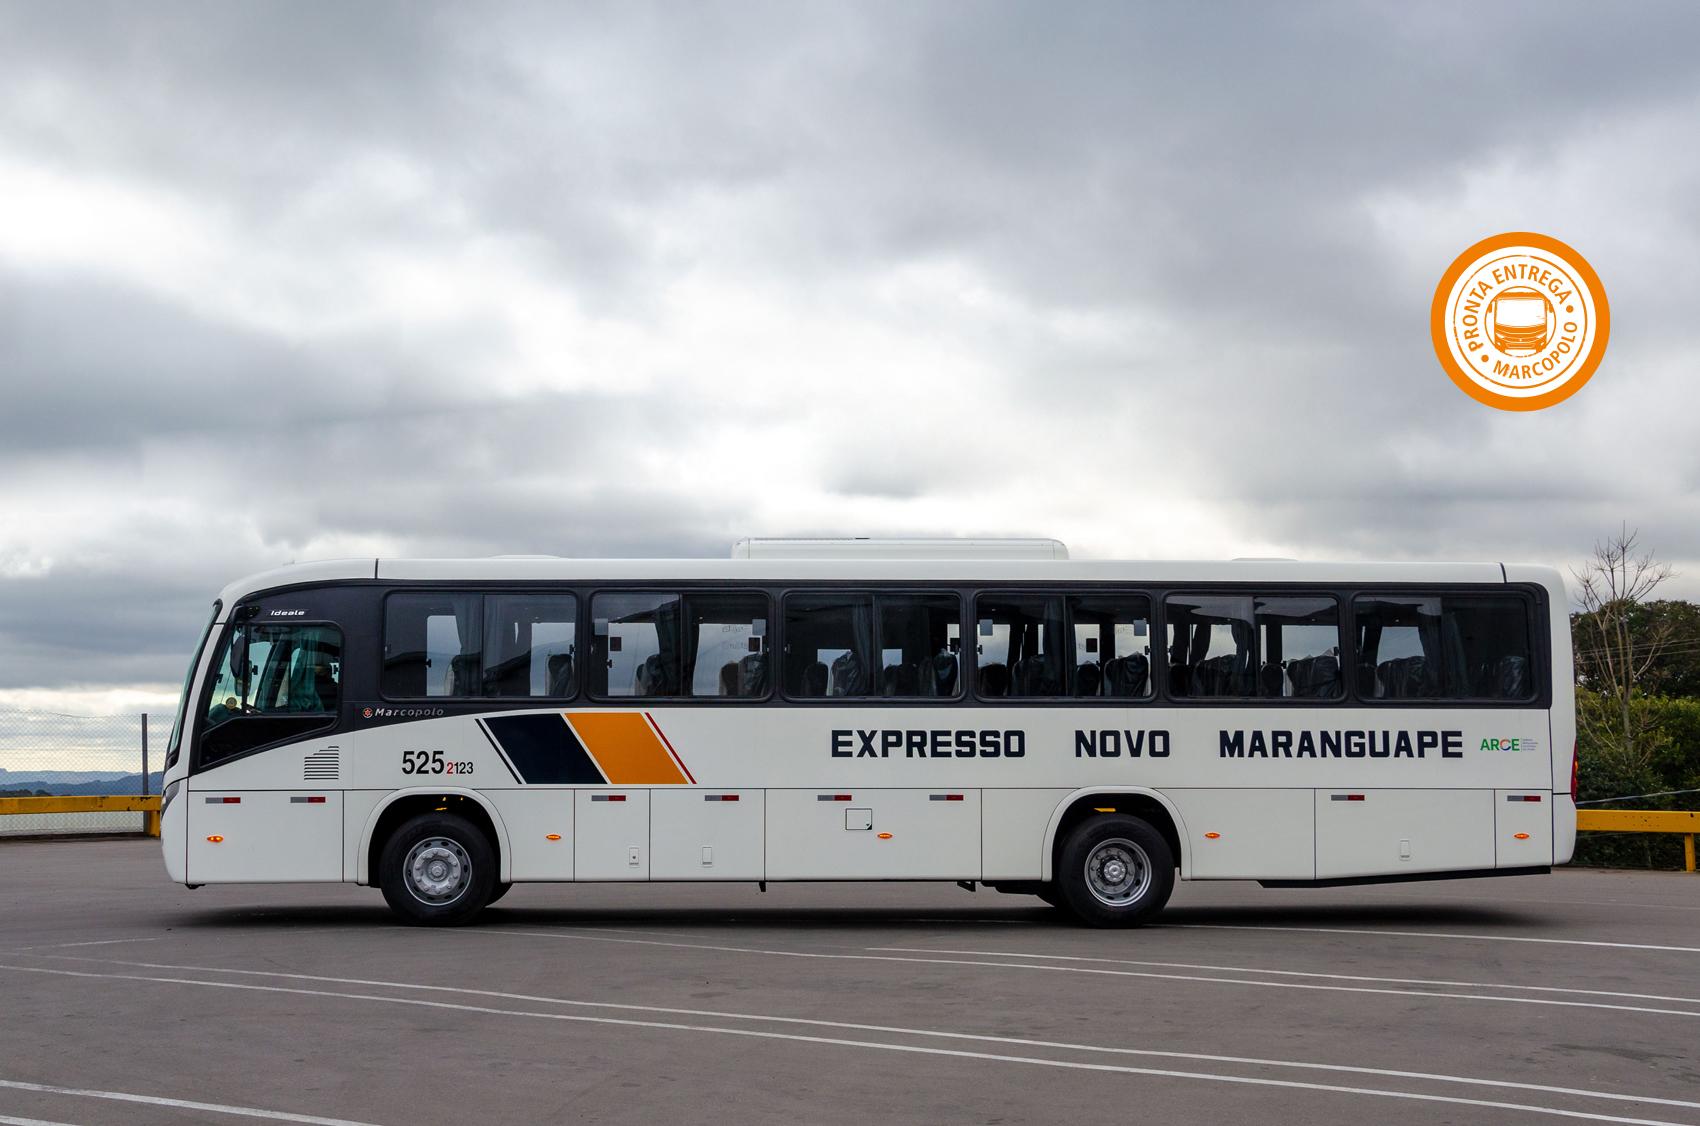 Expresso-Novo-Maranguape-(3)